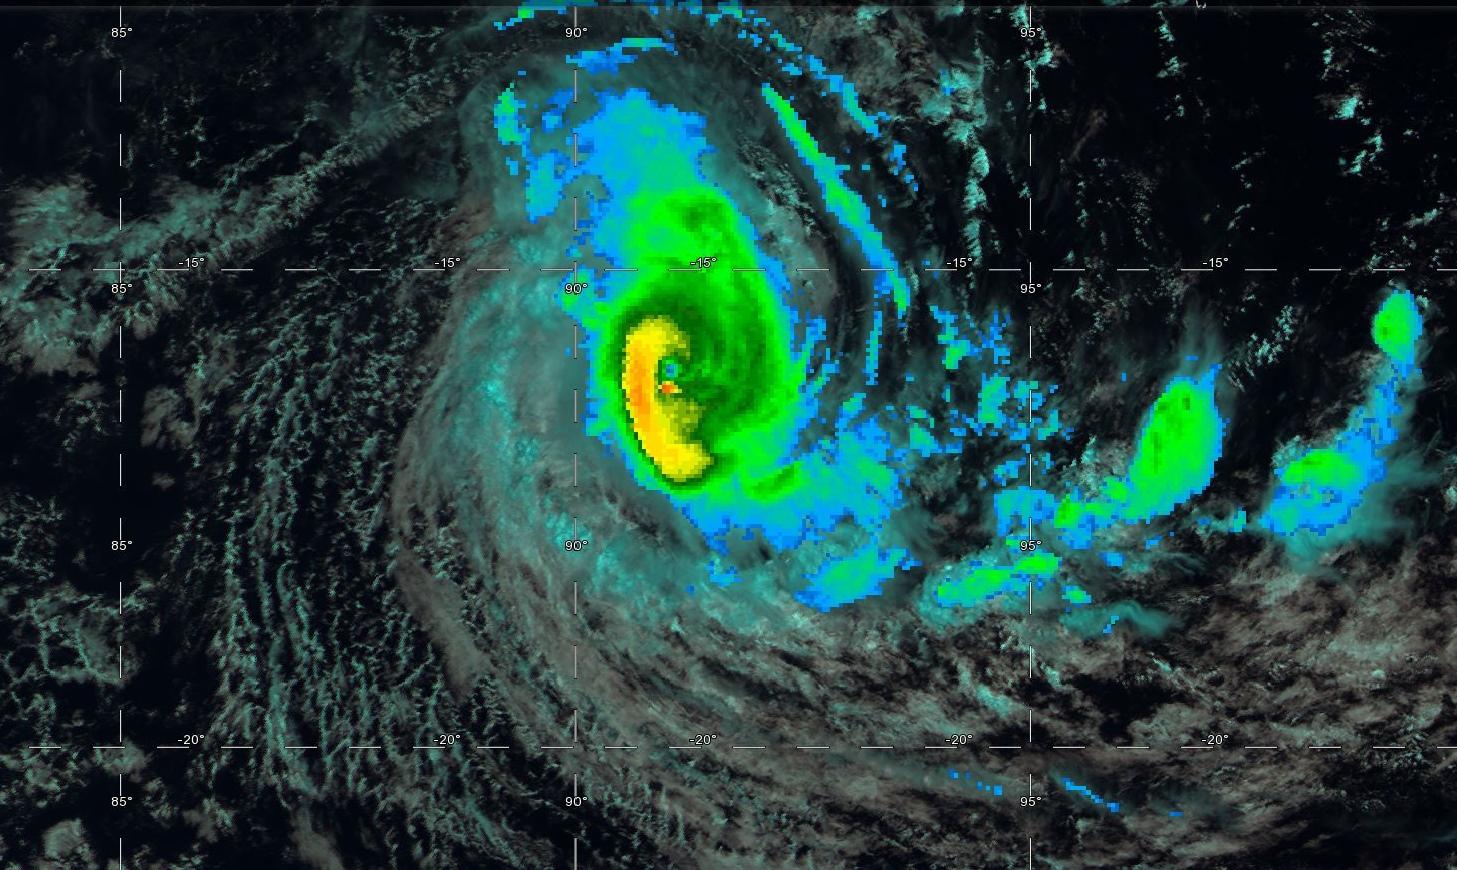 07h ce matin. Le petit oeil du cyclone gagne en définition. Le cyclone s'intensifie tout proche de 90°Est.